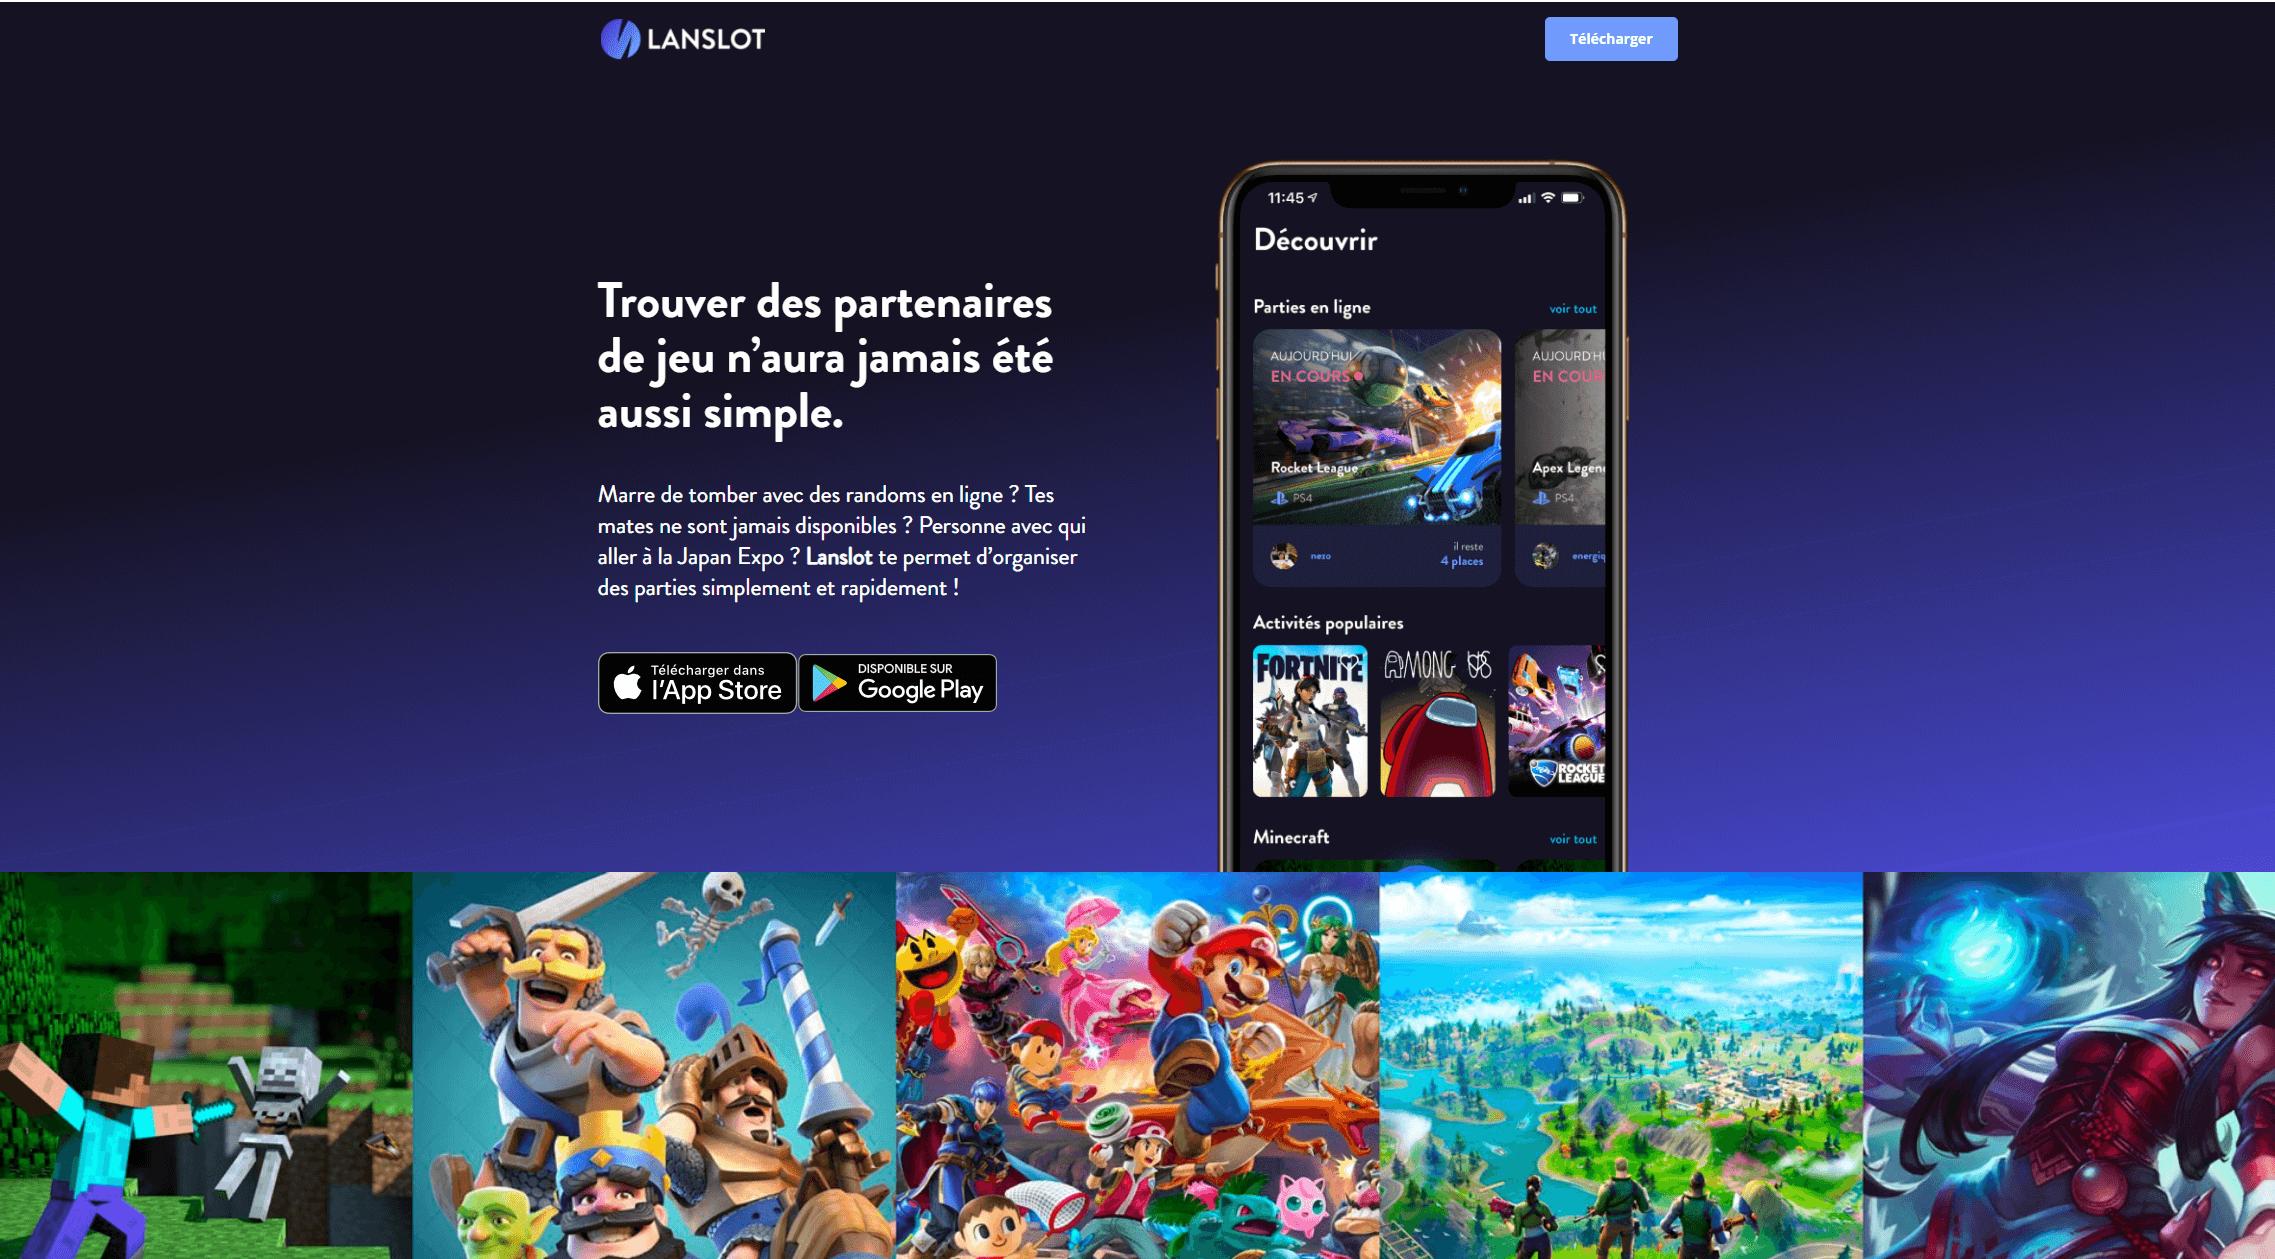 lanslot.app